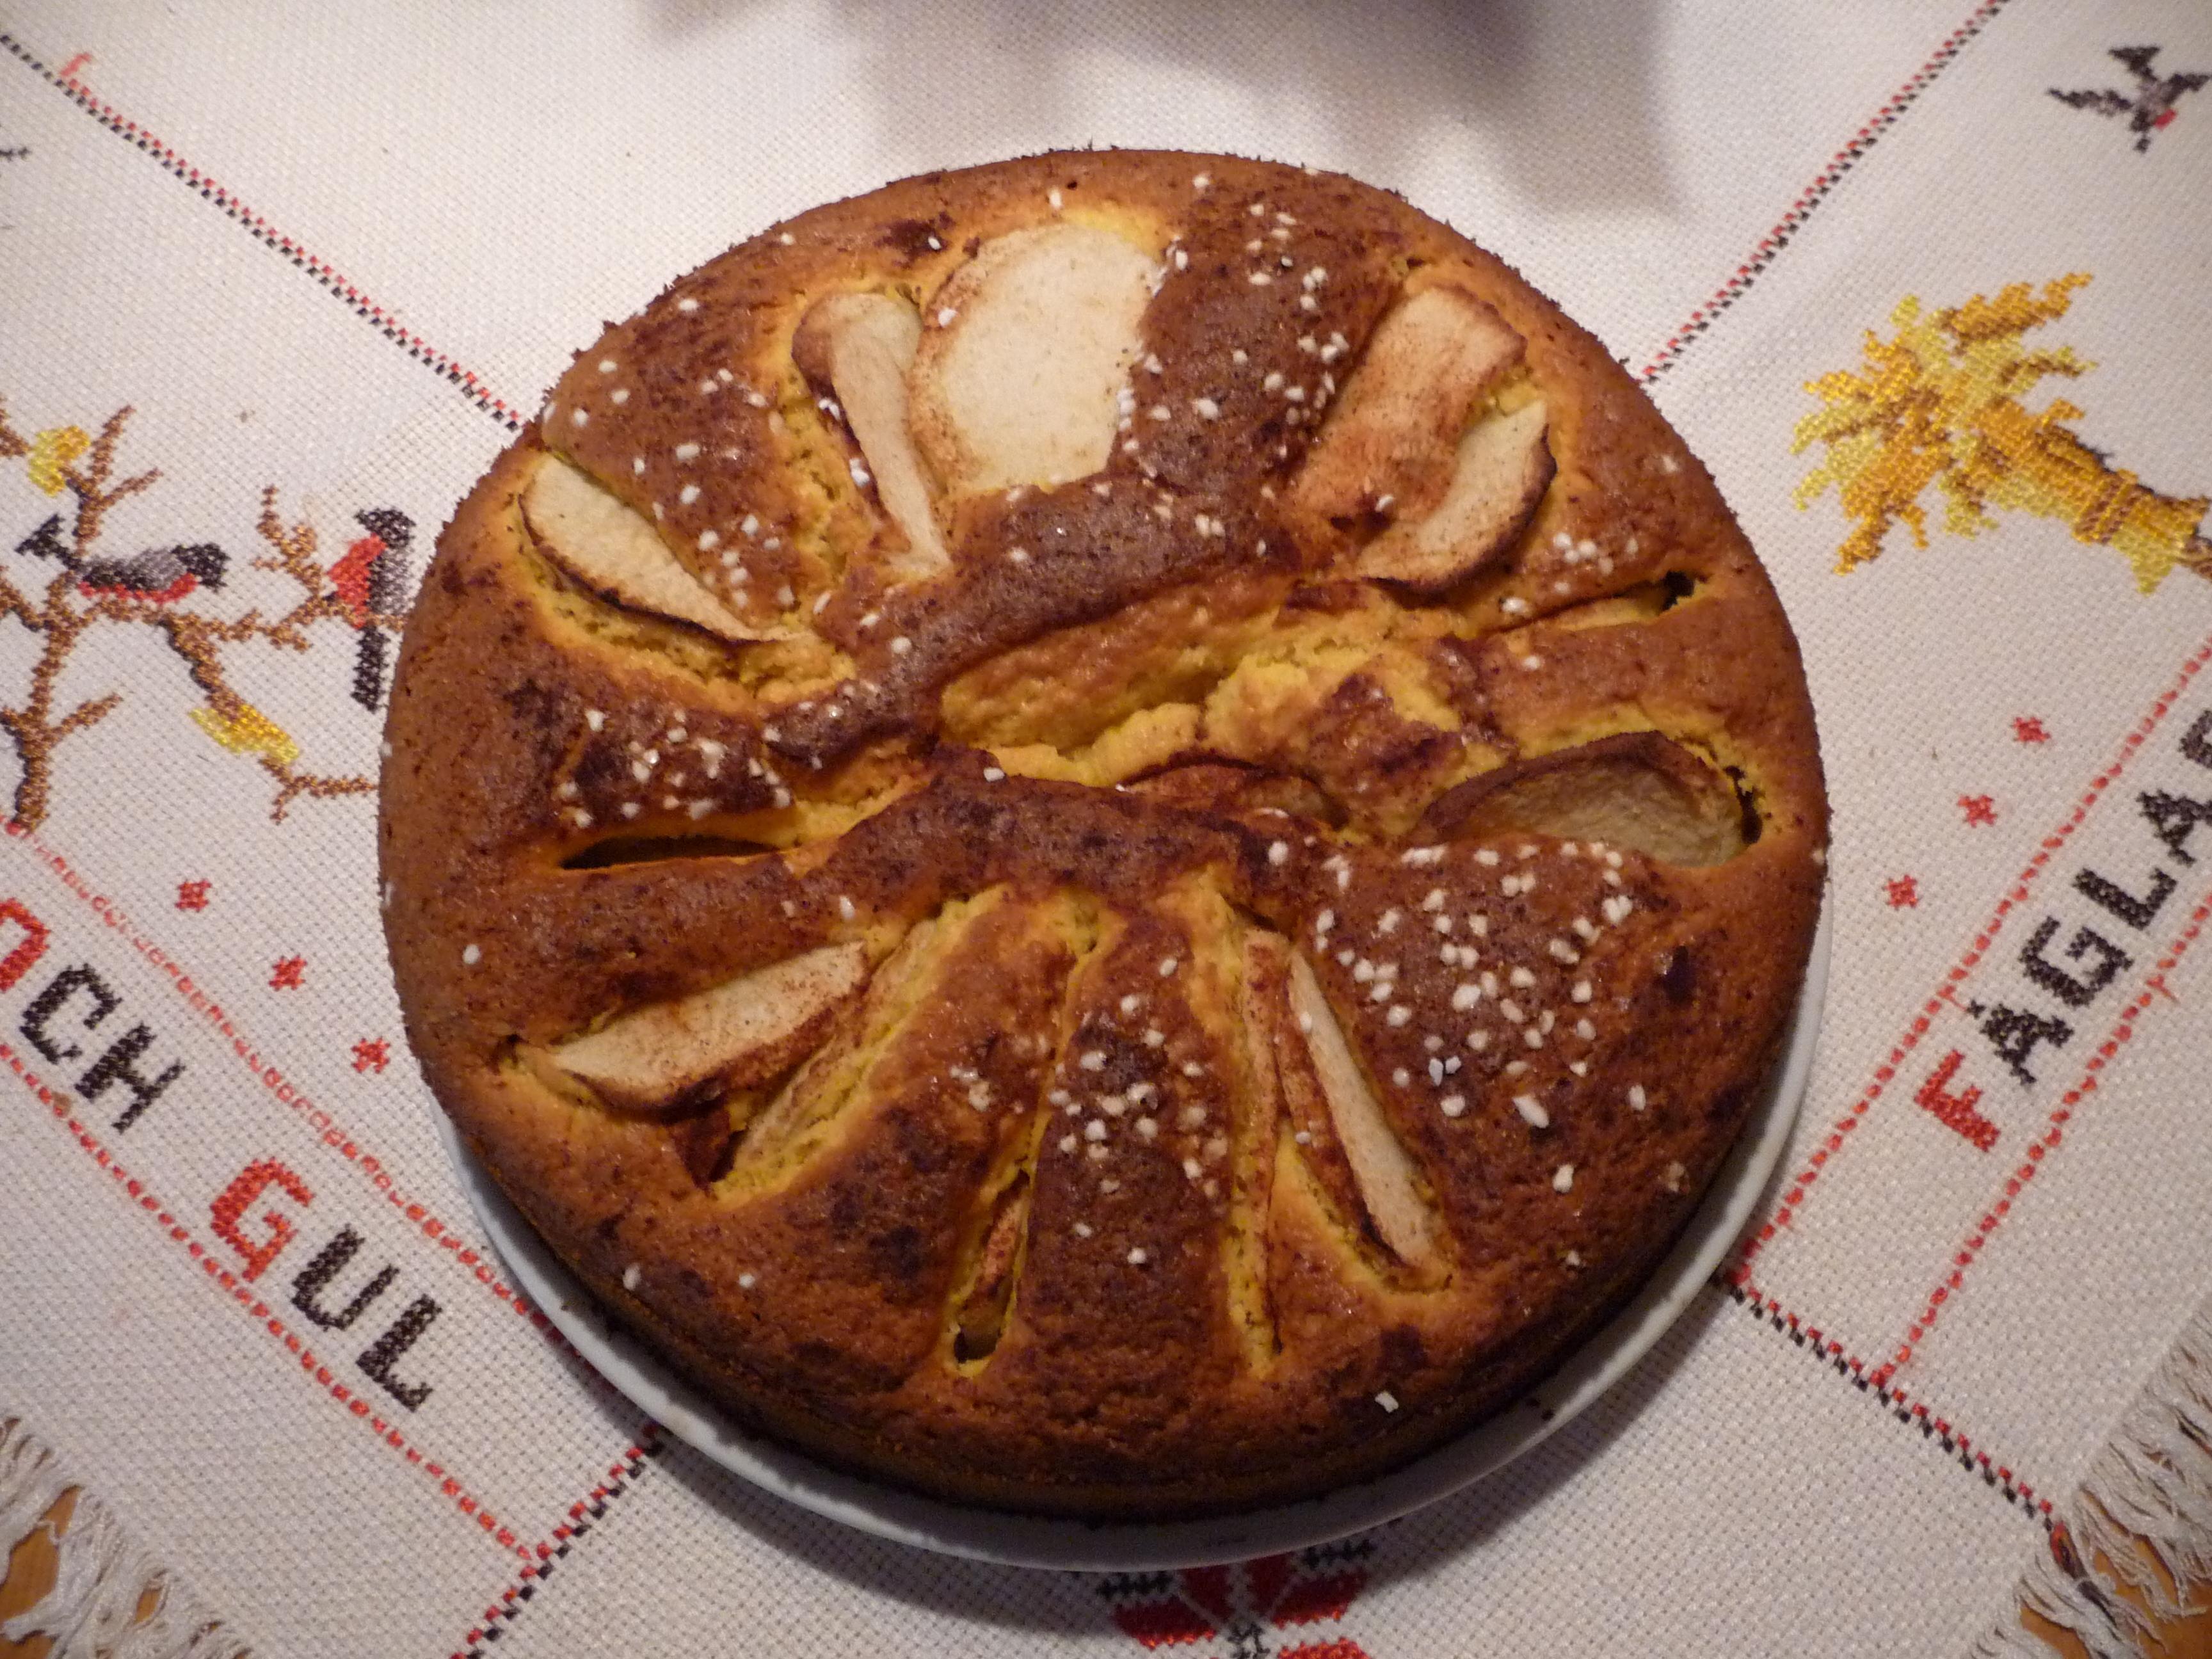 adventskaka med saffran och äpple